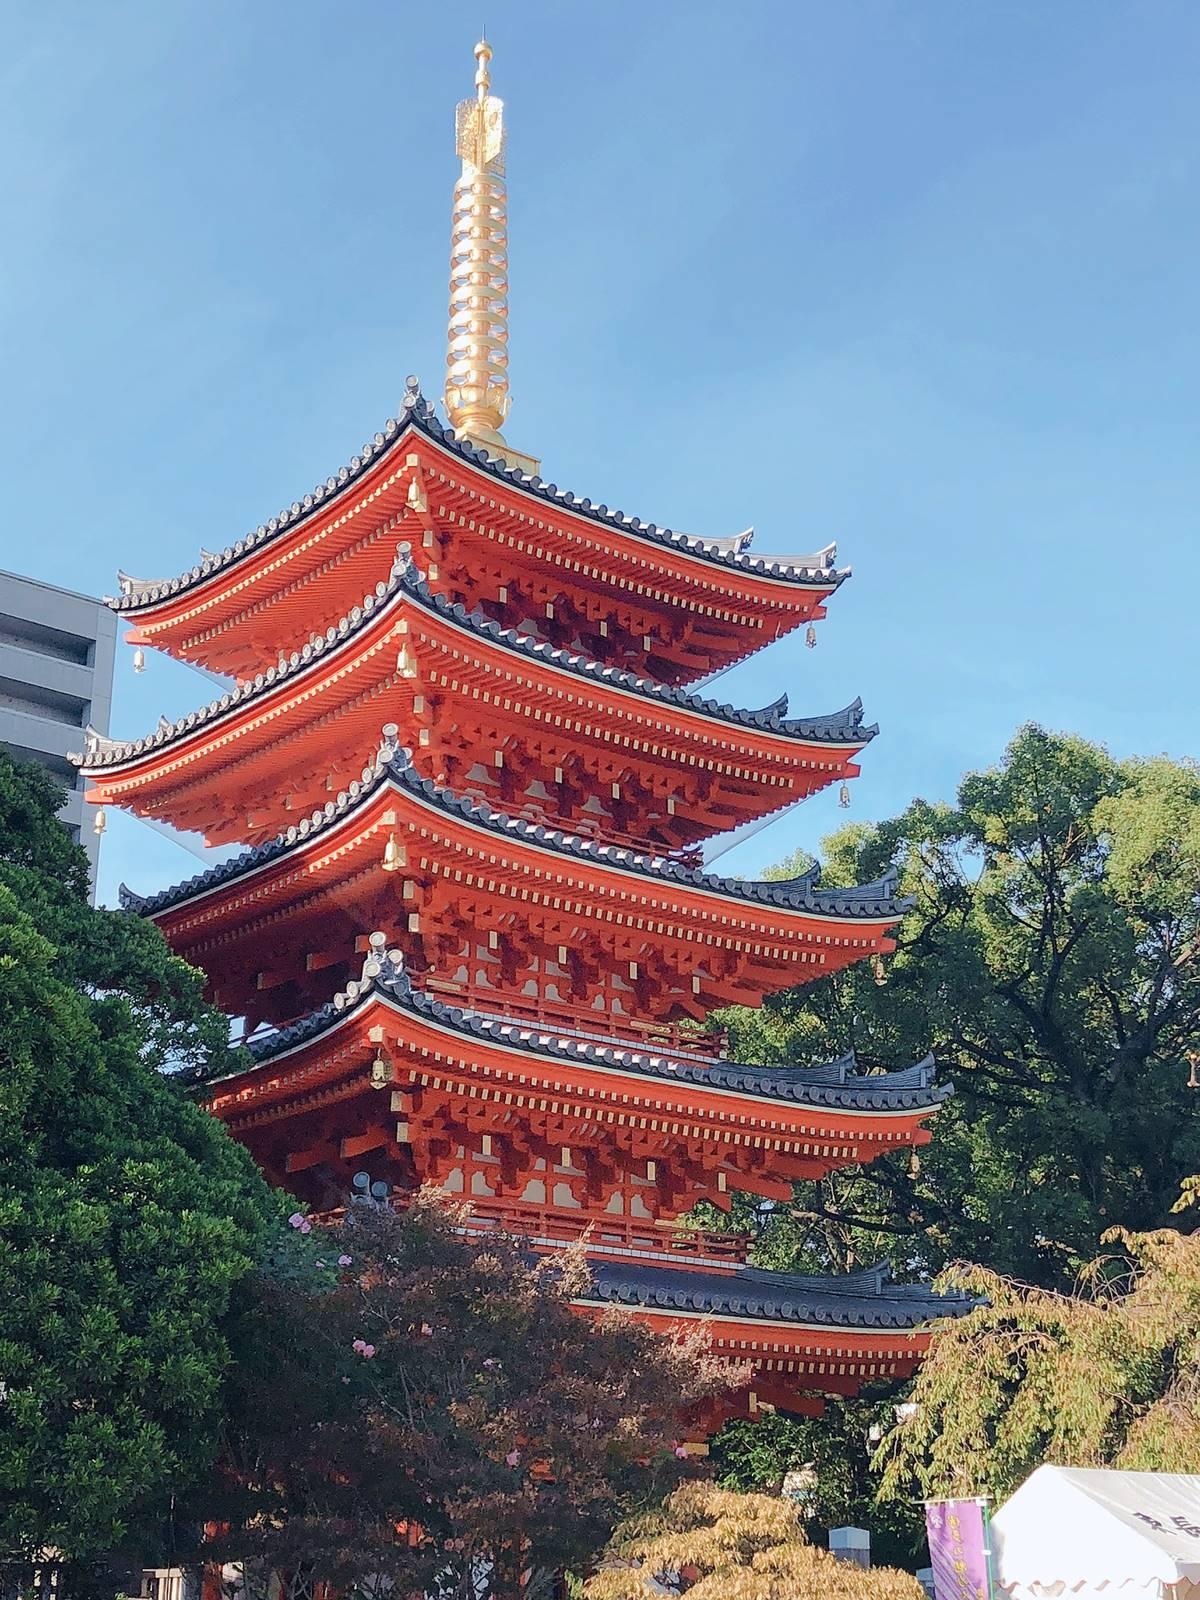 福岡-景點-推薦-東長寺-福岡好玩景點-福岡必玩景點-福岡必去景點-福岡自由行景點-攻略-市區-郊區-福岡觀光景點-福岡旅遊景點-福岡旅行-福岡行程-Fukuoka-Tourist-Attraction